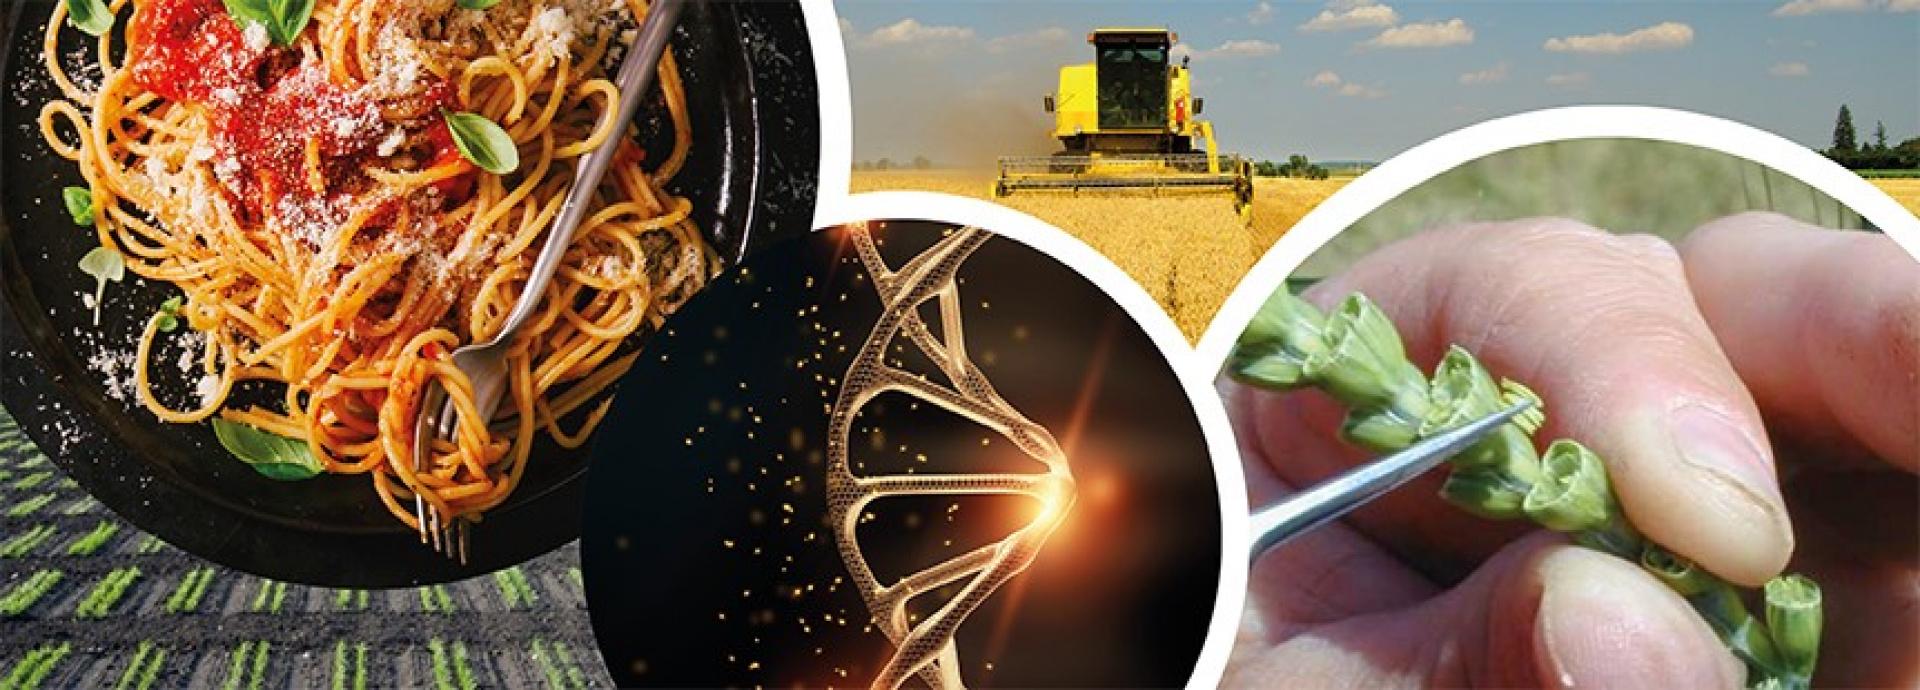 CREA: Genetica, biotech, biodiversità e difesa green dei sistemi agricoli -